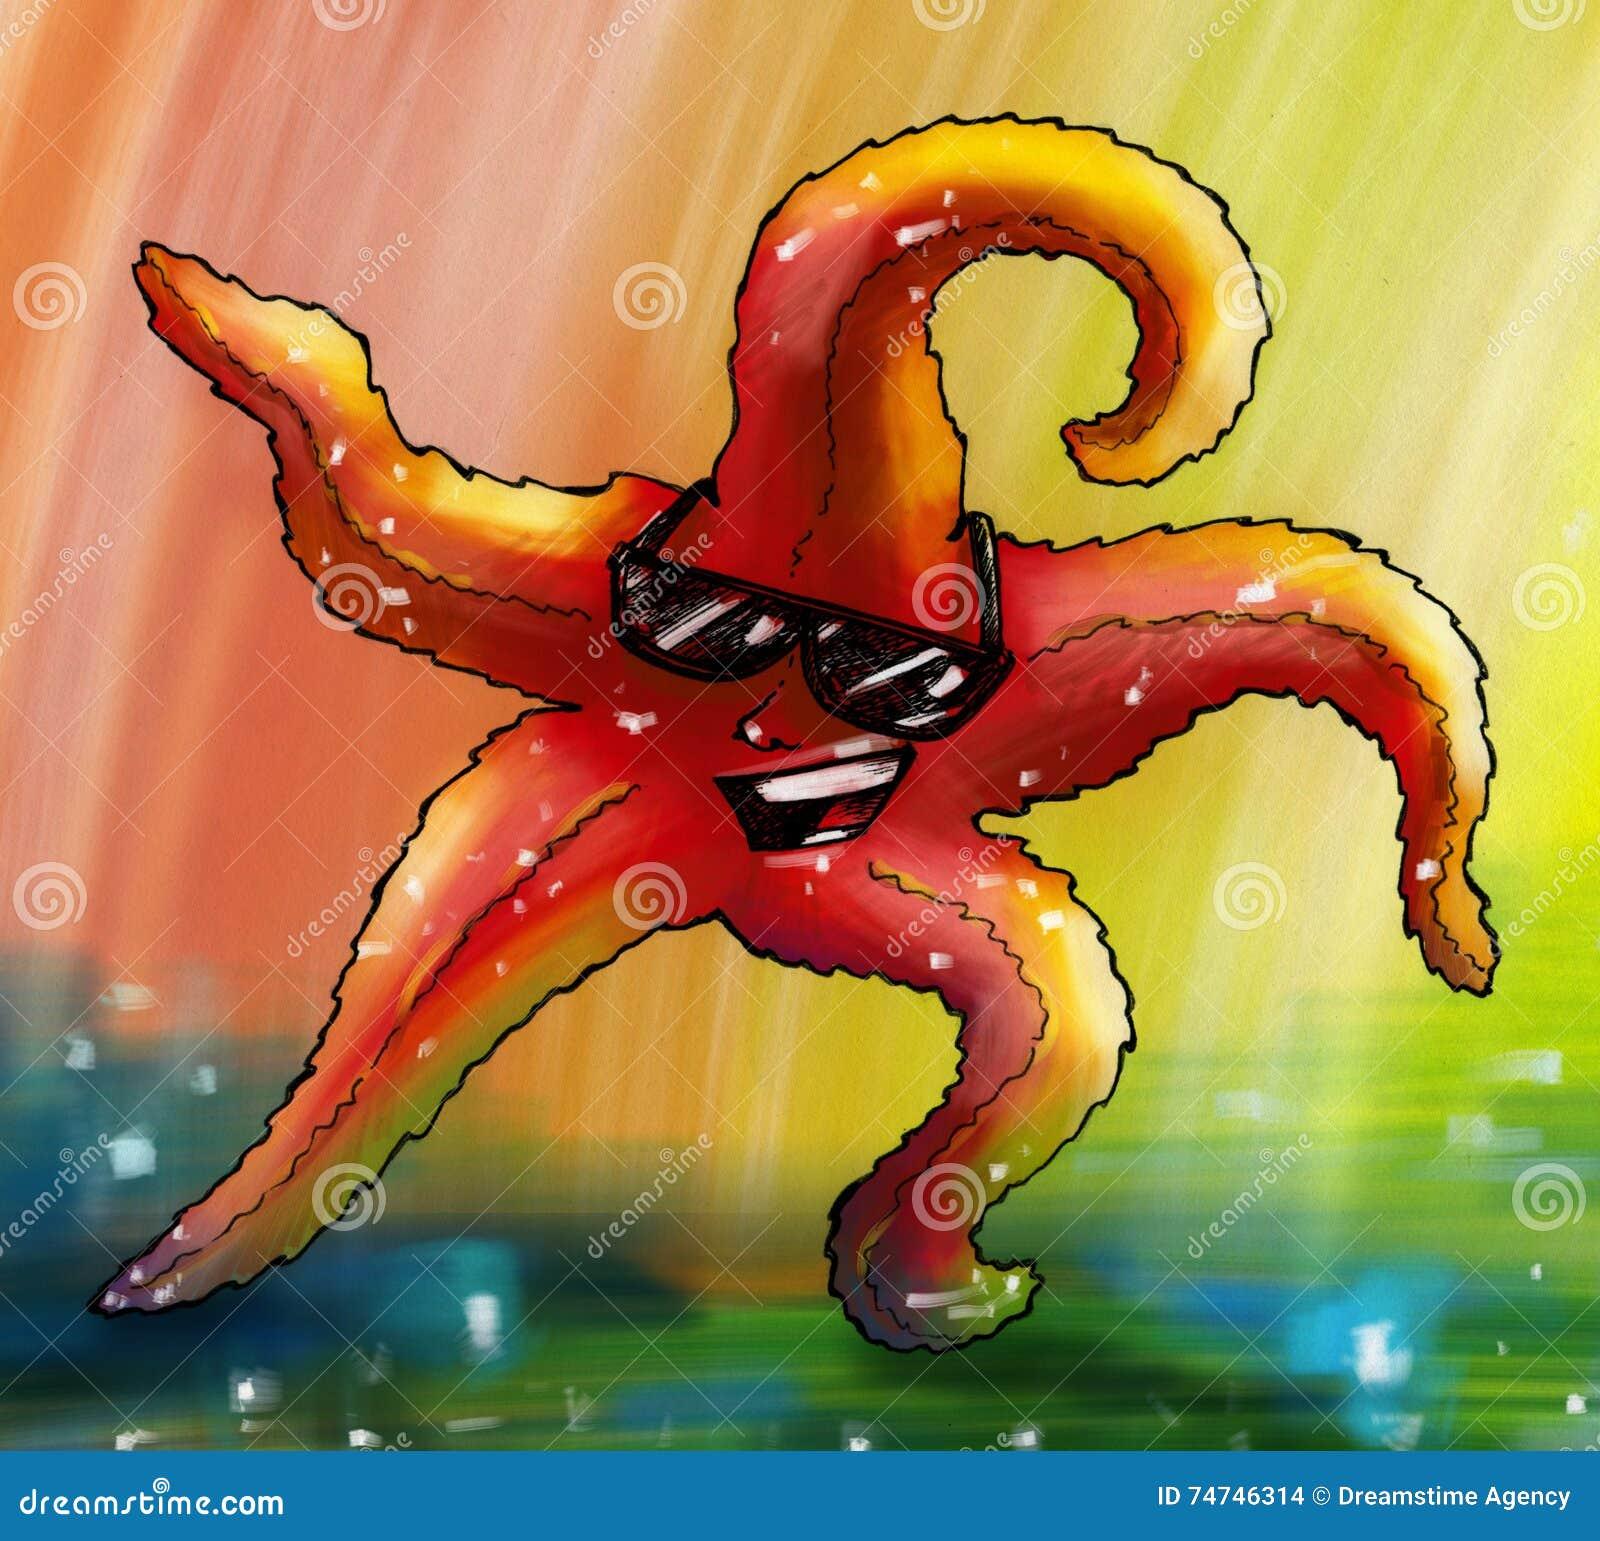 Glamorous disco dancing starfish